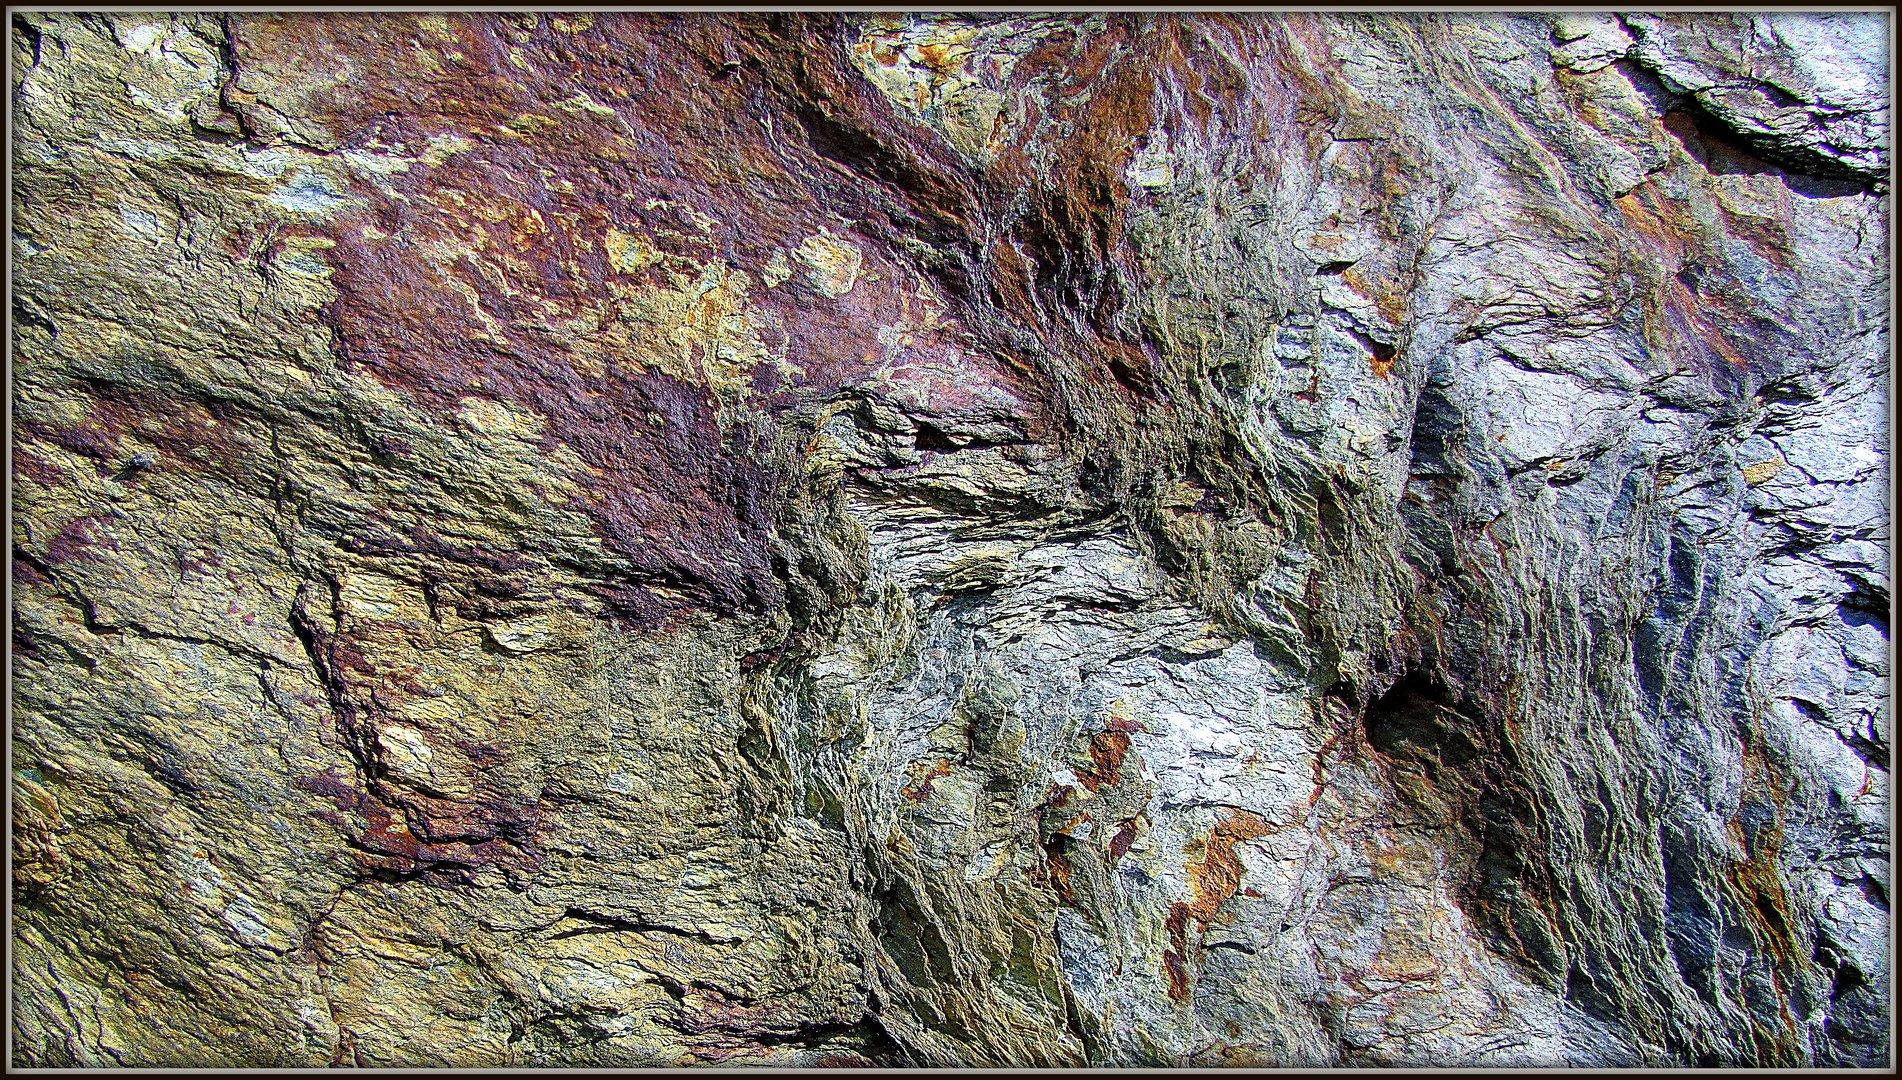 Felsstrukturen 4